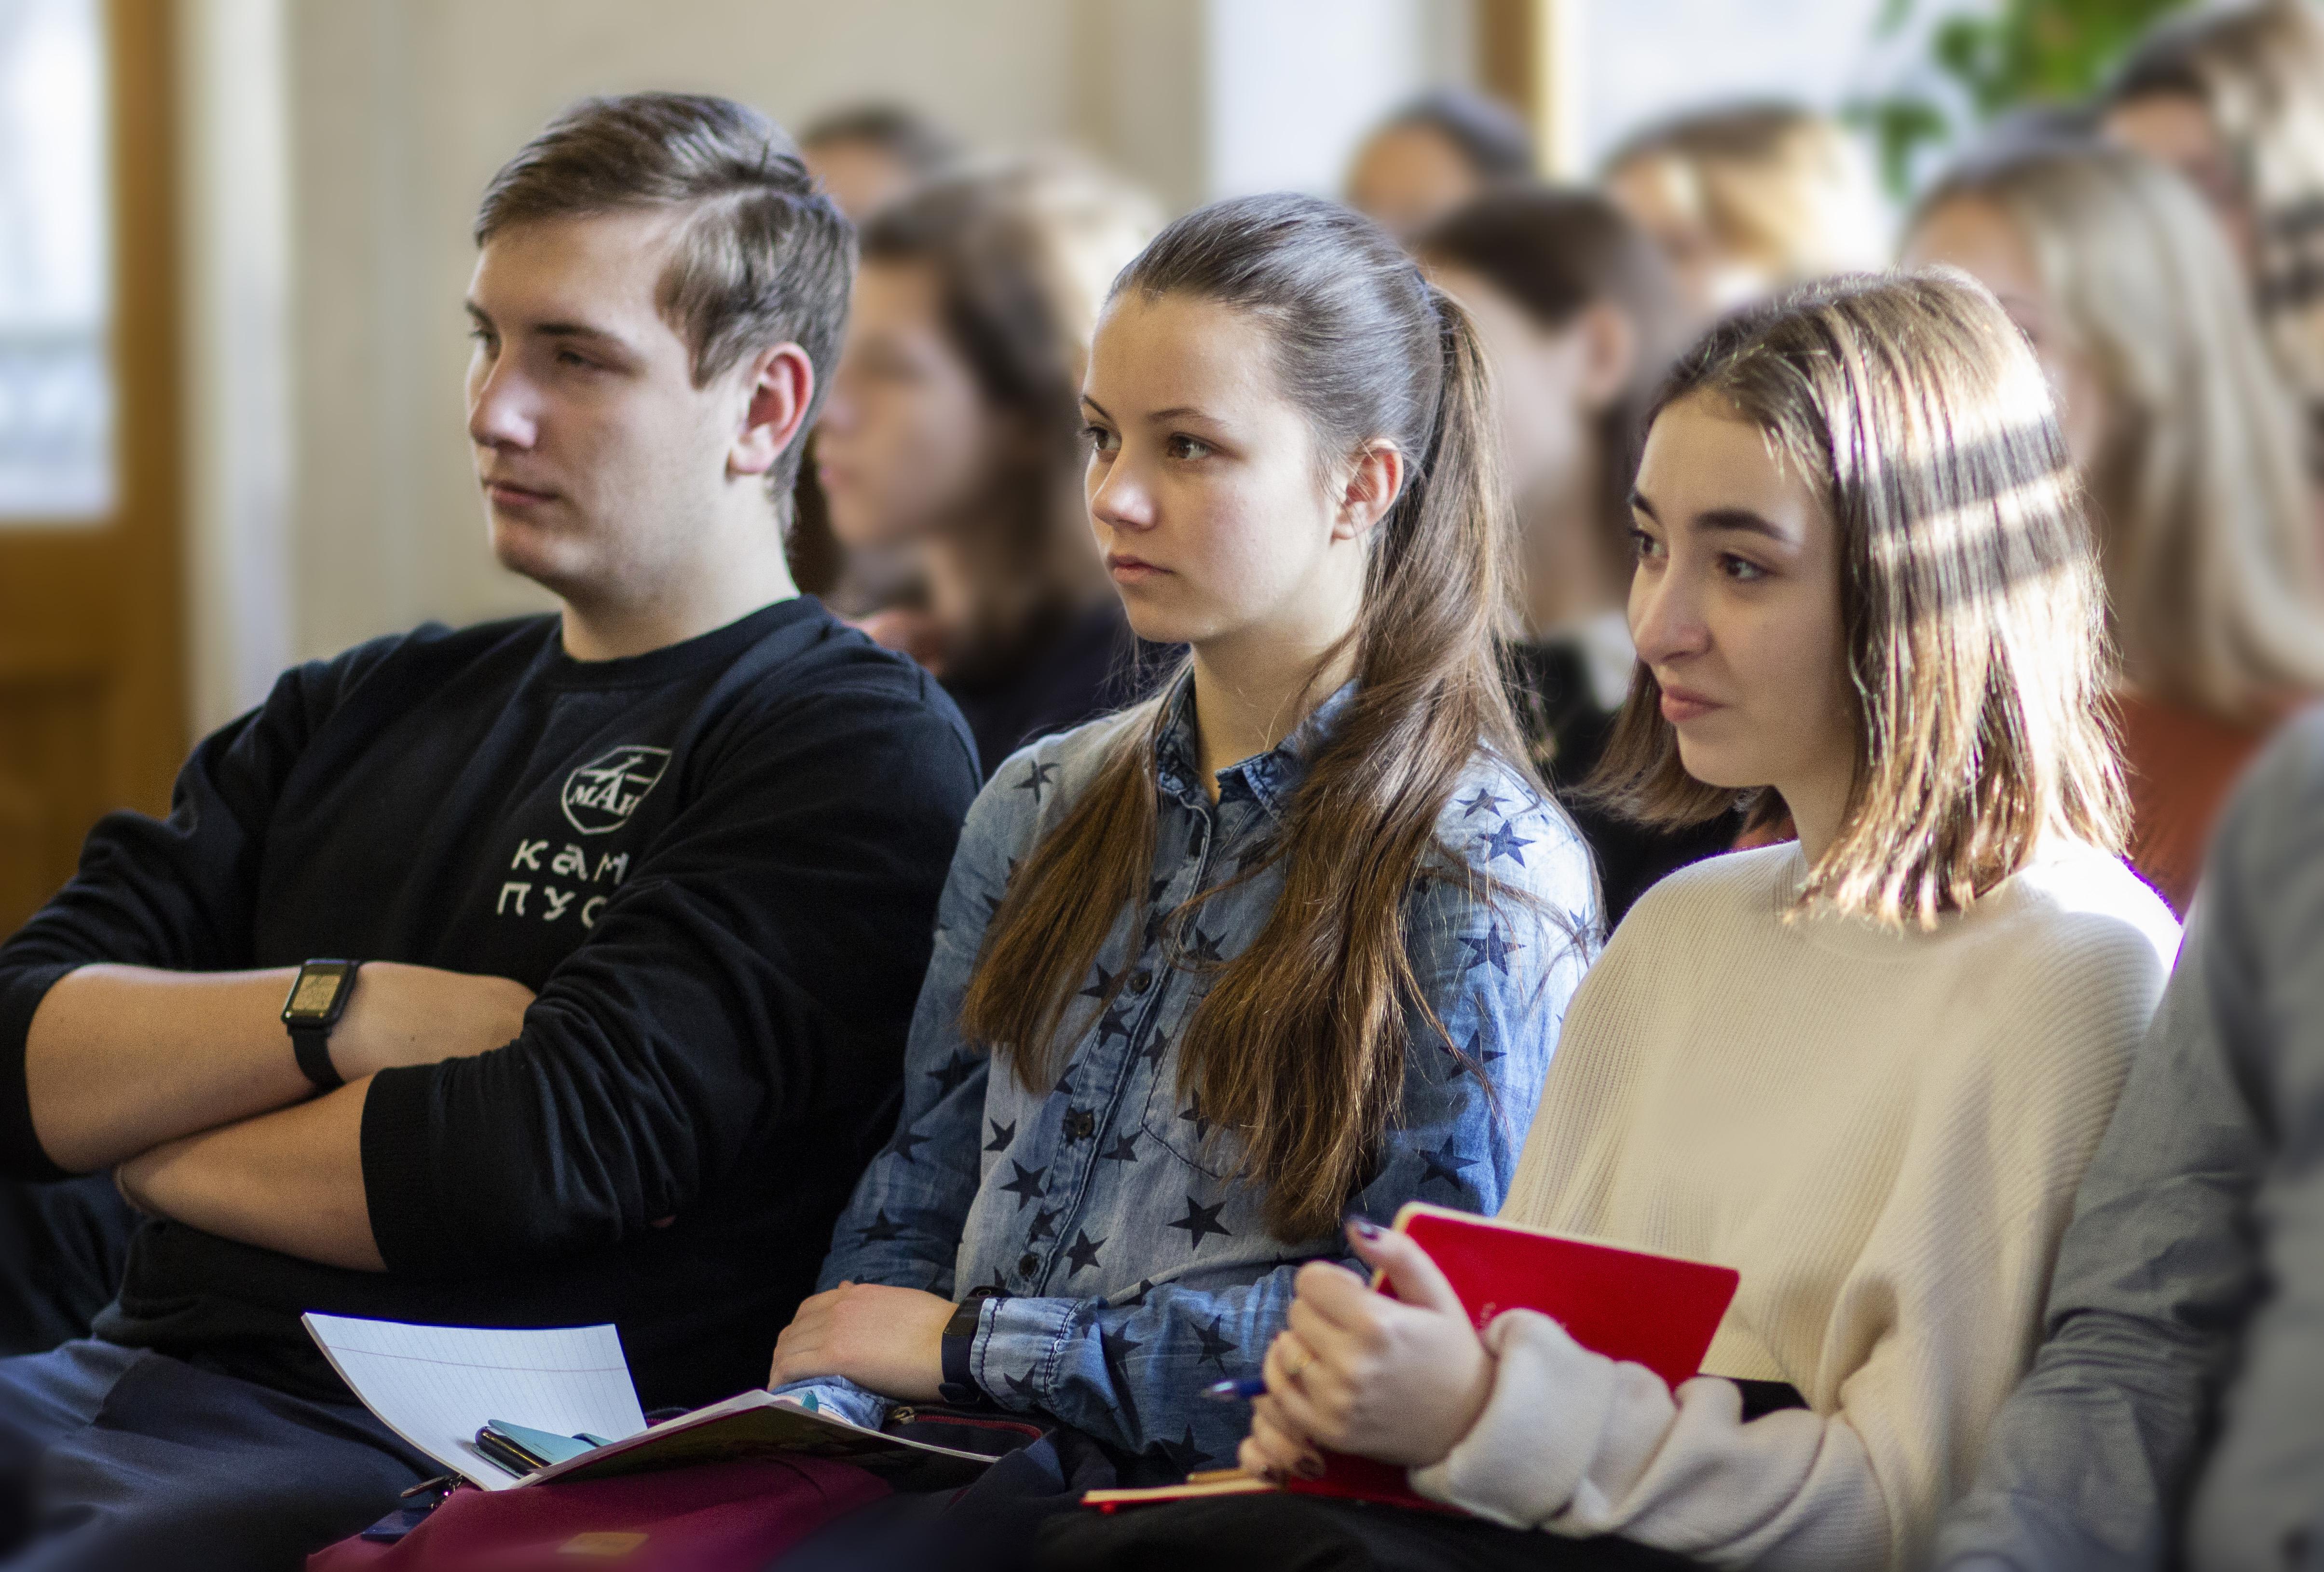 Праздник студенческой свободы: в Пушкинской библиотеке прочтут тематическую лекцию. Фото предоставили в Пушкинской библиотеке